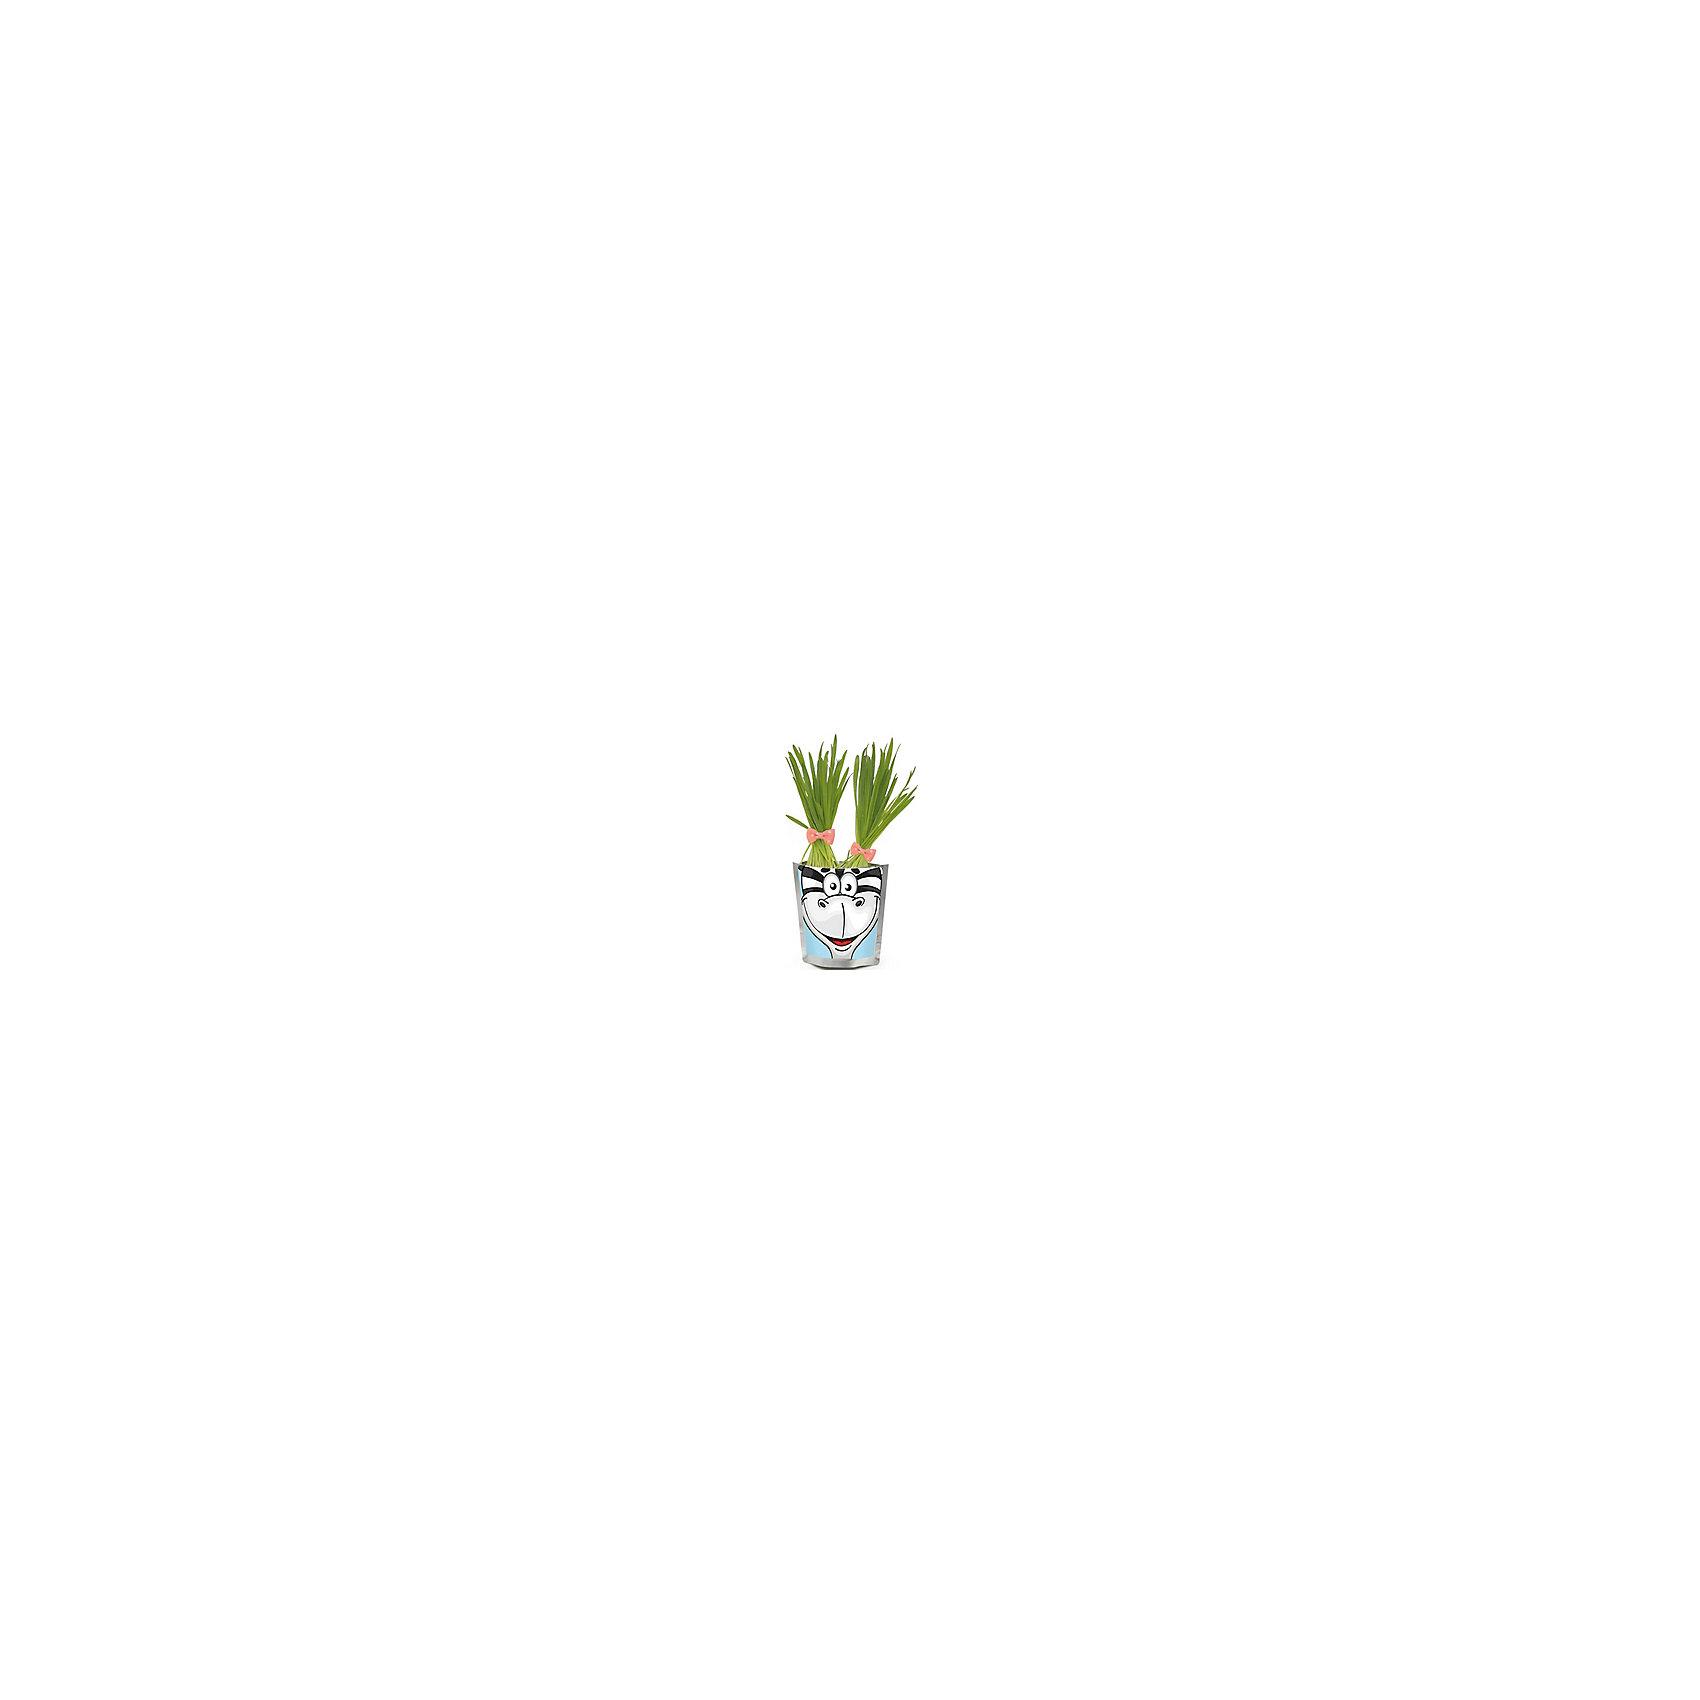 Набор для выращивания Сафари - Зебра Happy PlantВыращивание растений<br>Happy Plant Зебра.<br><br>Характеристики:<br><br>• научит ребенка выращивать растения и ухаживать за ними<br>• развивает фантазию <br>• яркий оригинальный дизайн<br>• качественные семена<br>• в комплекте: пакет-горшочек, органический субстрат для посадки, семена, лопатка, инструкция<br>• размер: 18х13 см<br>• объем: 500 мл<br>• Вес: 230 грамм<br><br>Забавная Зебра научит ребенка ухаживать за растениями. С помощью инструкции ребенок с радостью посадит семена и будет наблюдать за ростом травки. Ее можно подстригать, придавая различные формы. Кроме того, Вы сможете придумывать зебре различные прически. Такая веселая зебра должна быть у каждого юного садовода!<br><br>Happy Plant Зебра Вы можете купить в нашем интернет-магазине.<br><br>Ширина мм: 180<br>Глубина мм: 130<br>Высота мм: 80<br>Вес г: 230<br>Возраст от месяцев: 168<br>Возраст до месяцев: 240<br>Пол: Унисекс<br>Возраст: Детский<br>SKU: 5053995